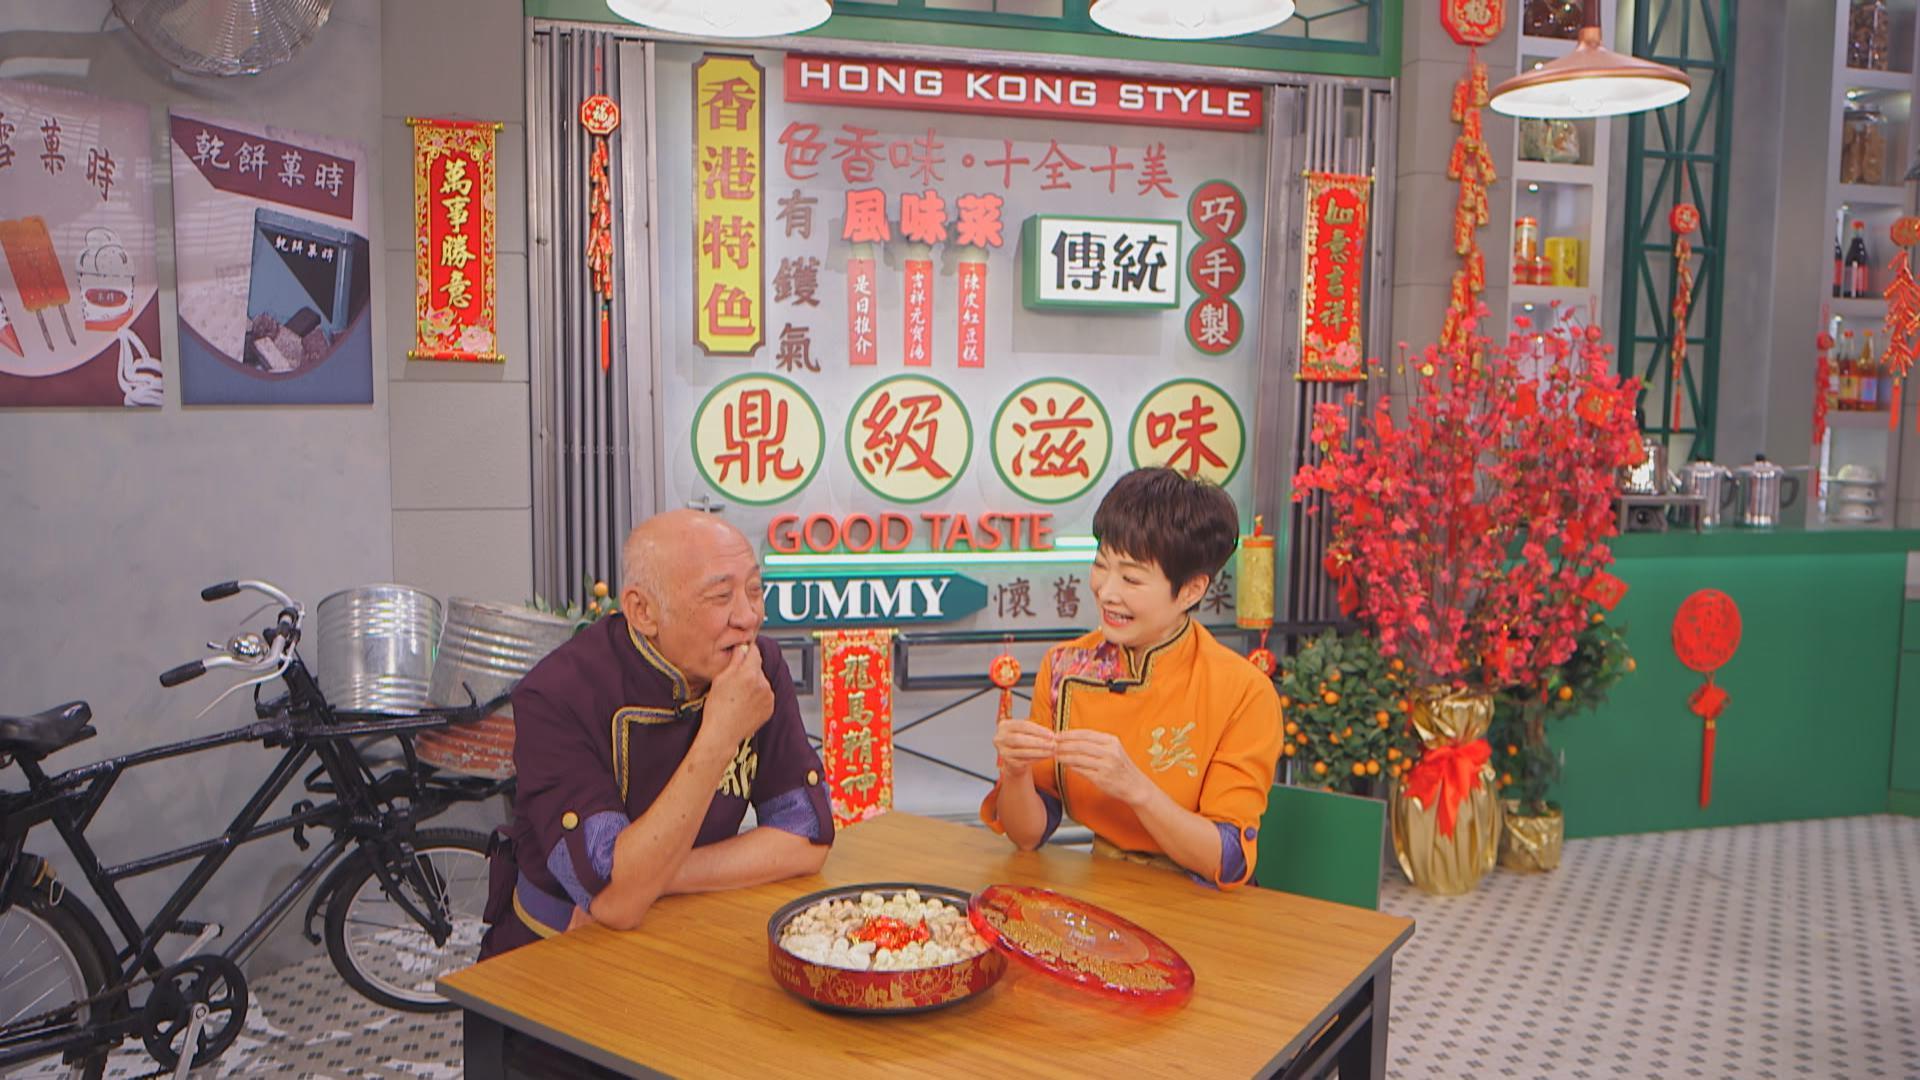 由於今輯有30集,播到農曆年前,所以鼎爺會示範多款新年菜同應節食品。